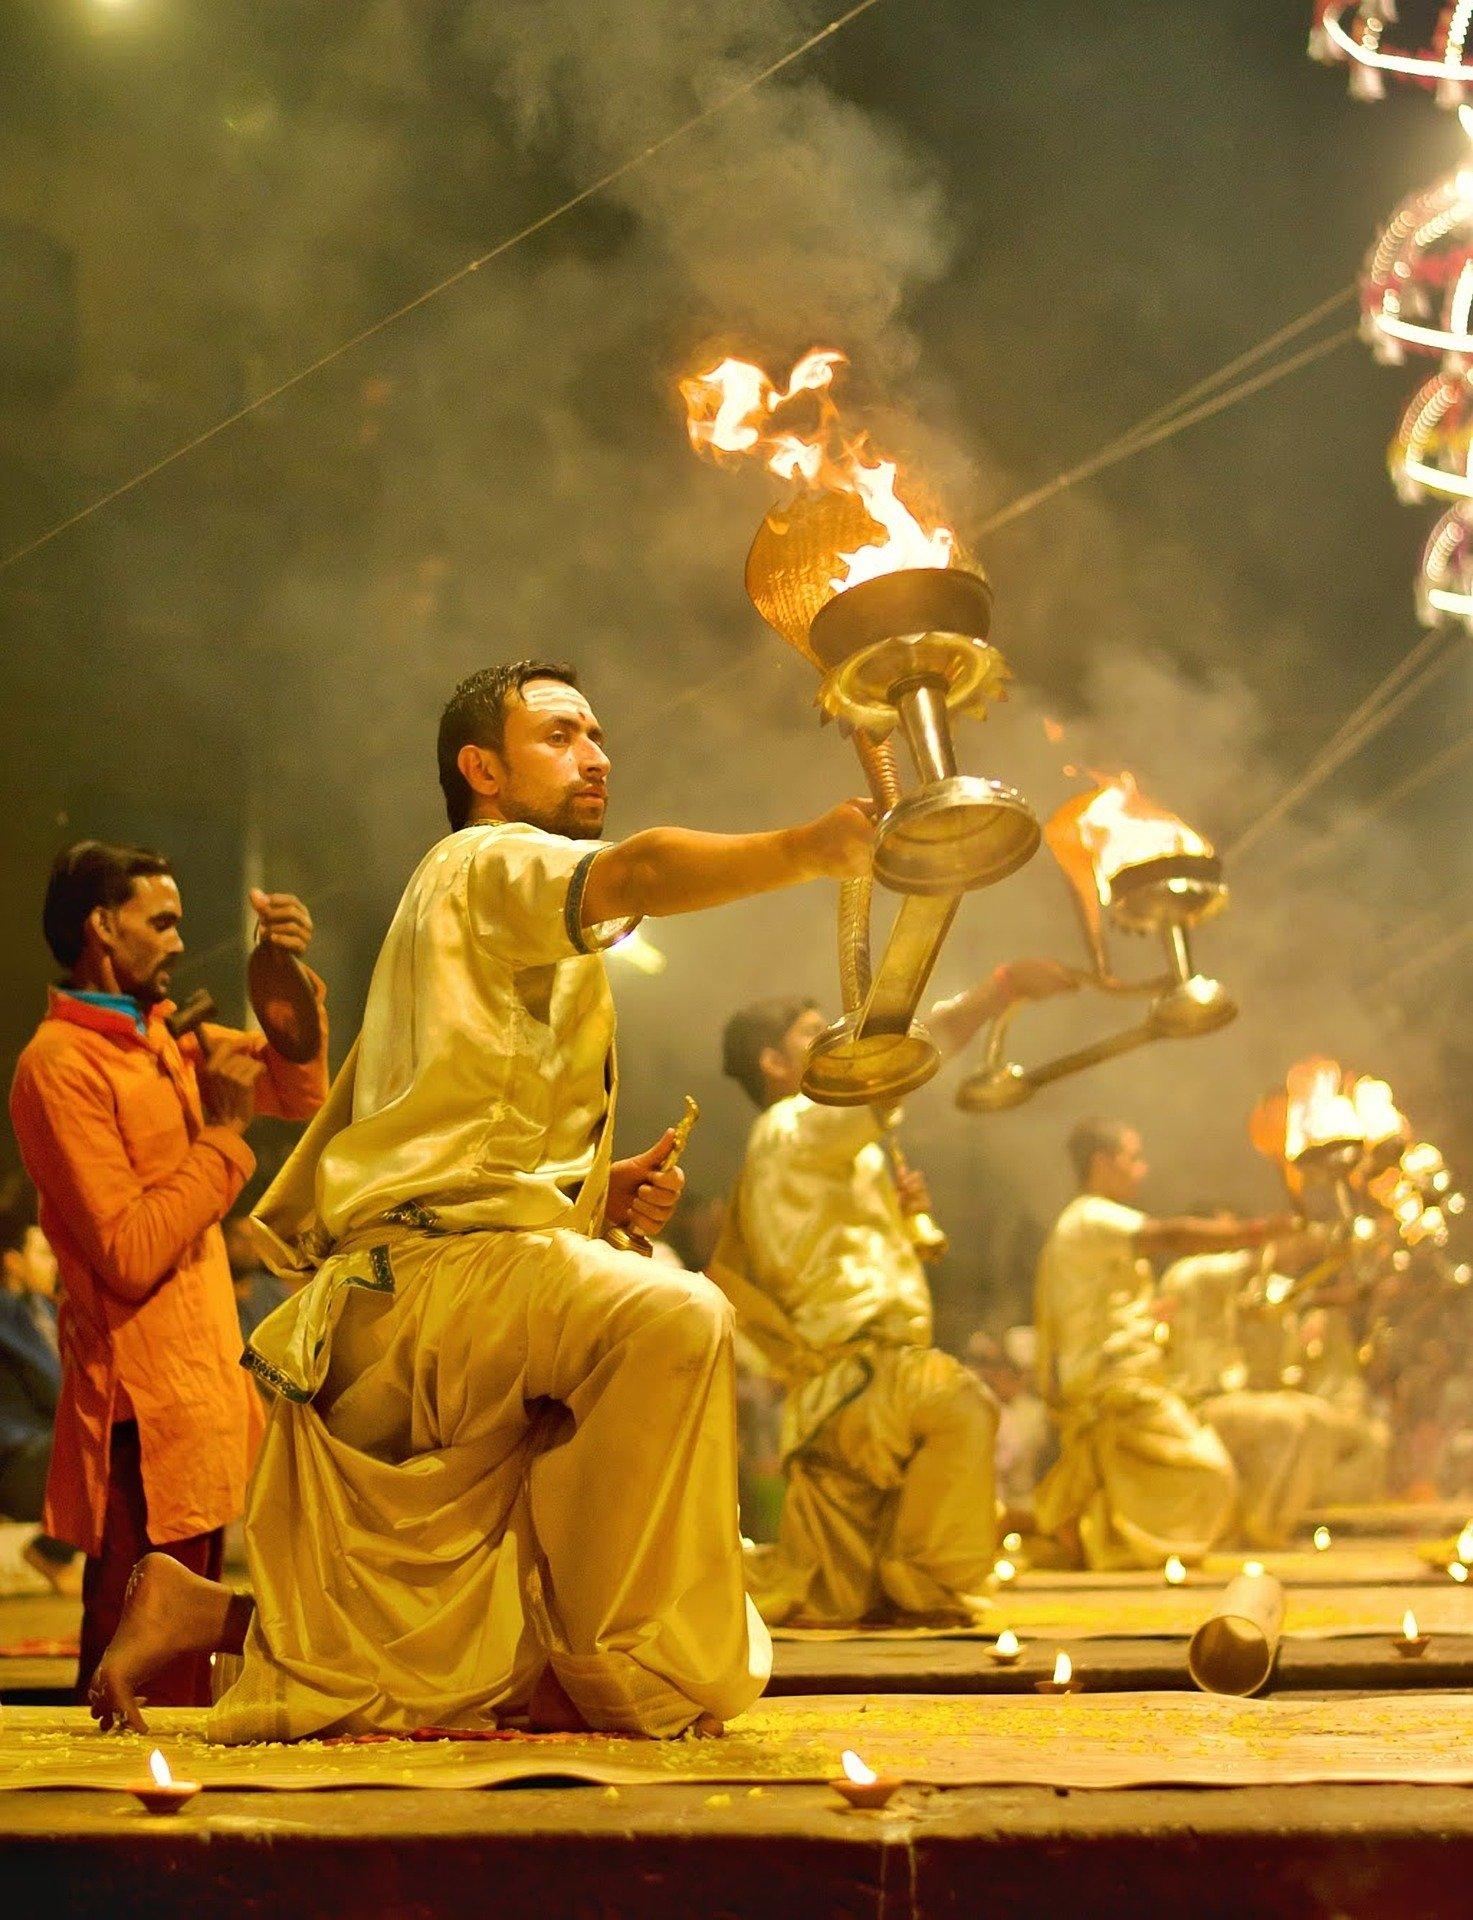 Putovanje Indija - Srce Indije (4)